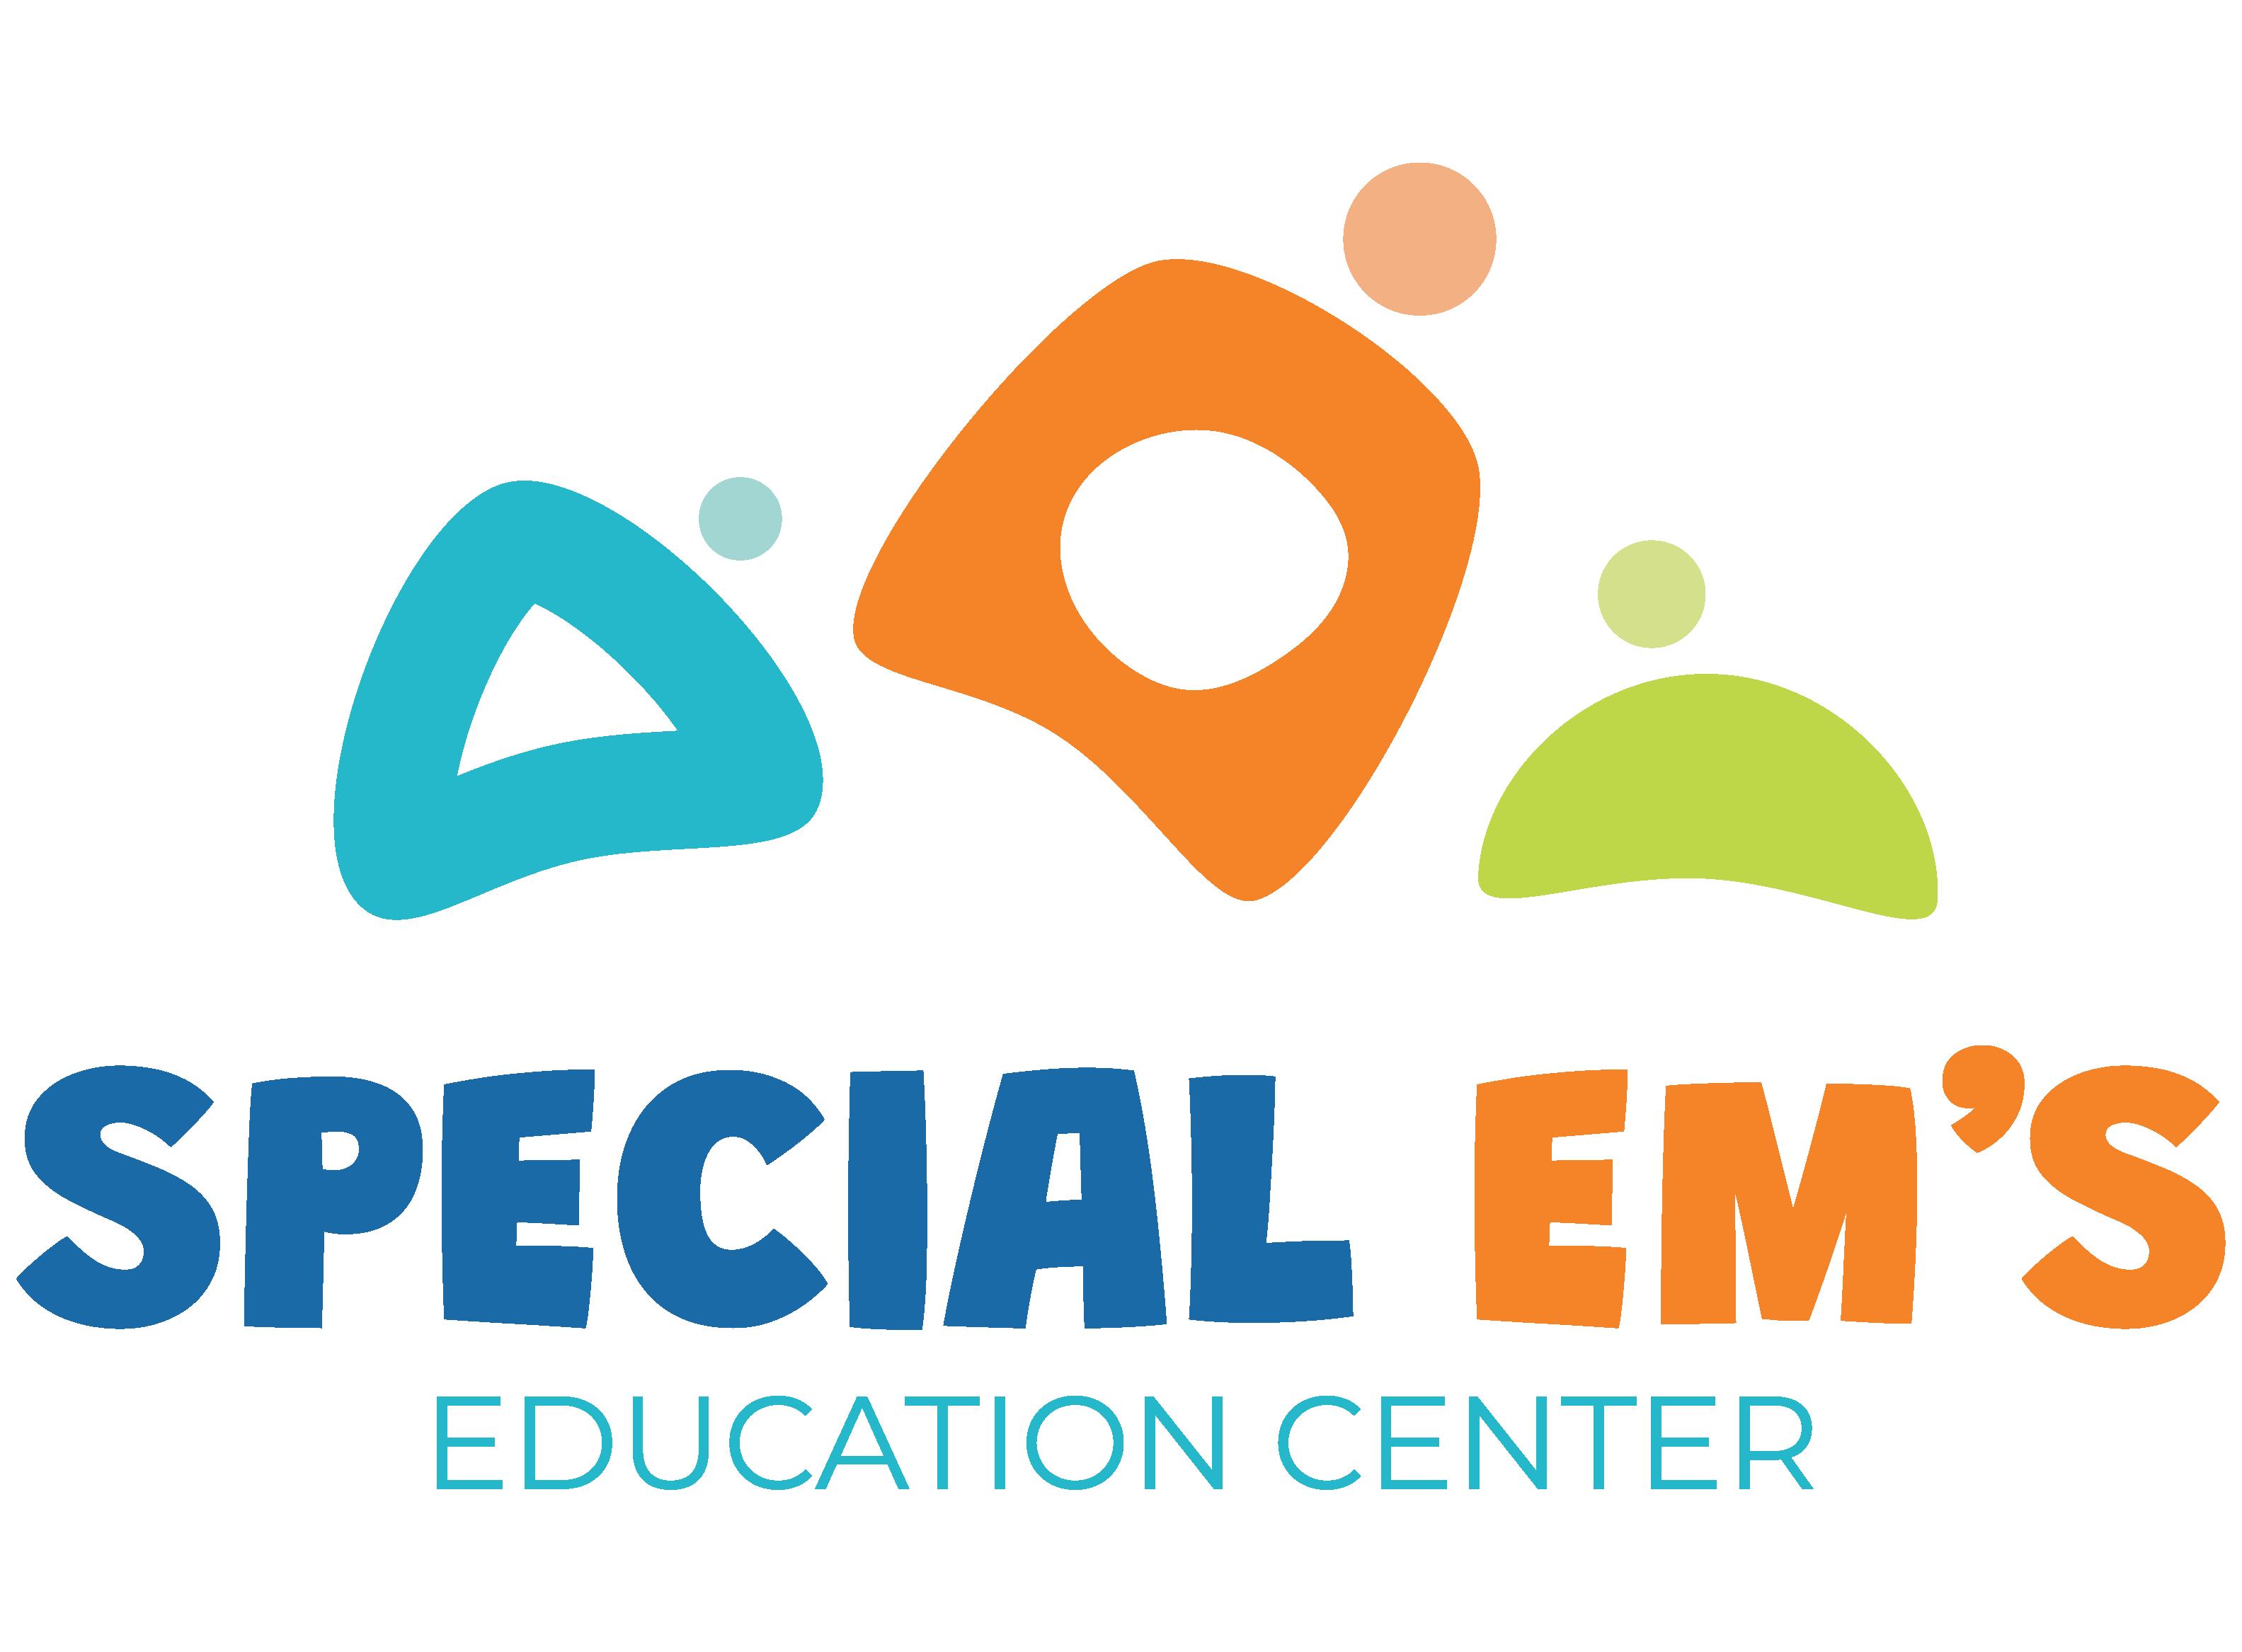 SpecialEm'sEducation Center